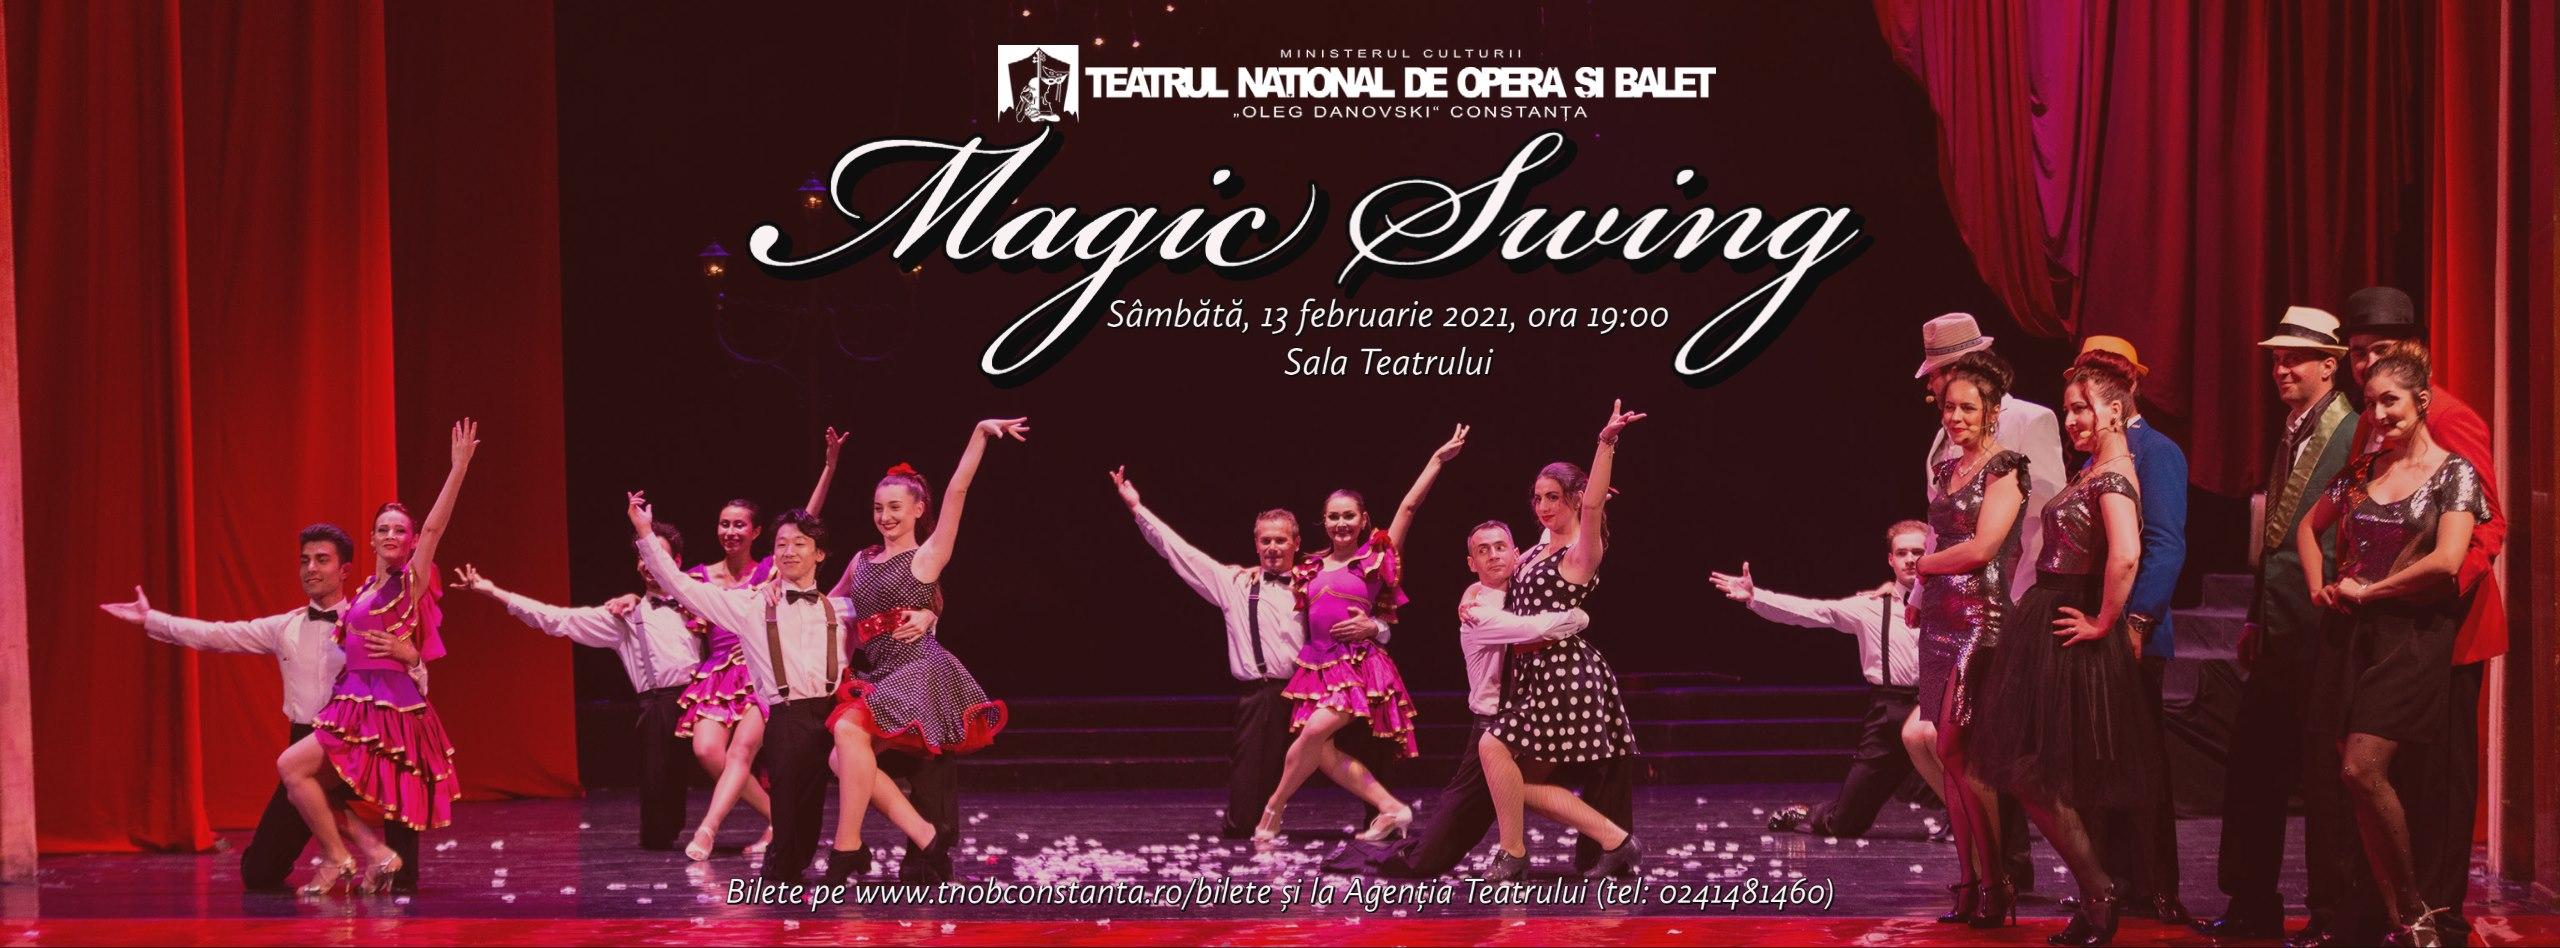 Magic Swing la Teatrul Național de Operă și Balet Oleg Danovski